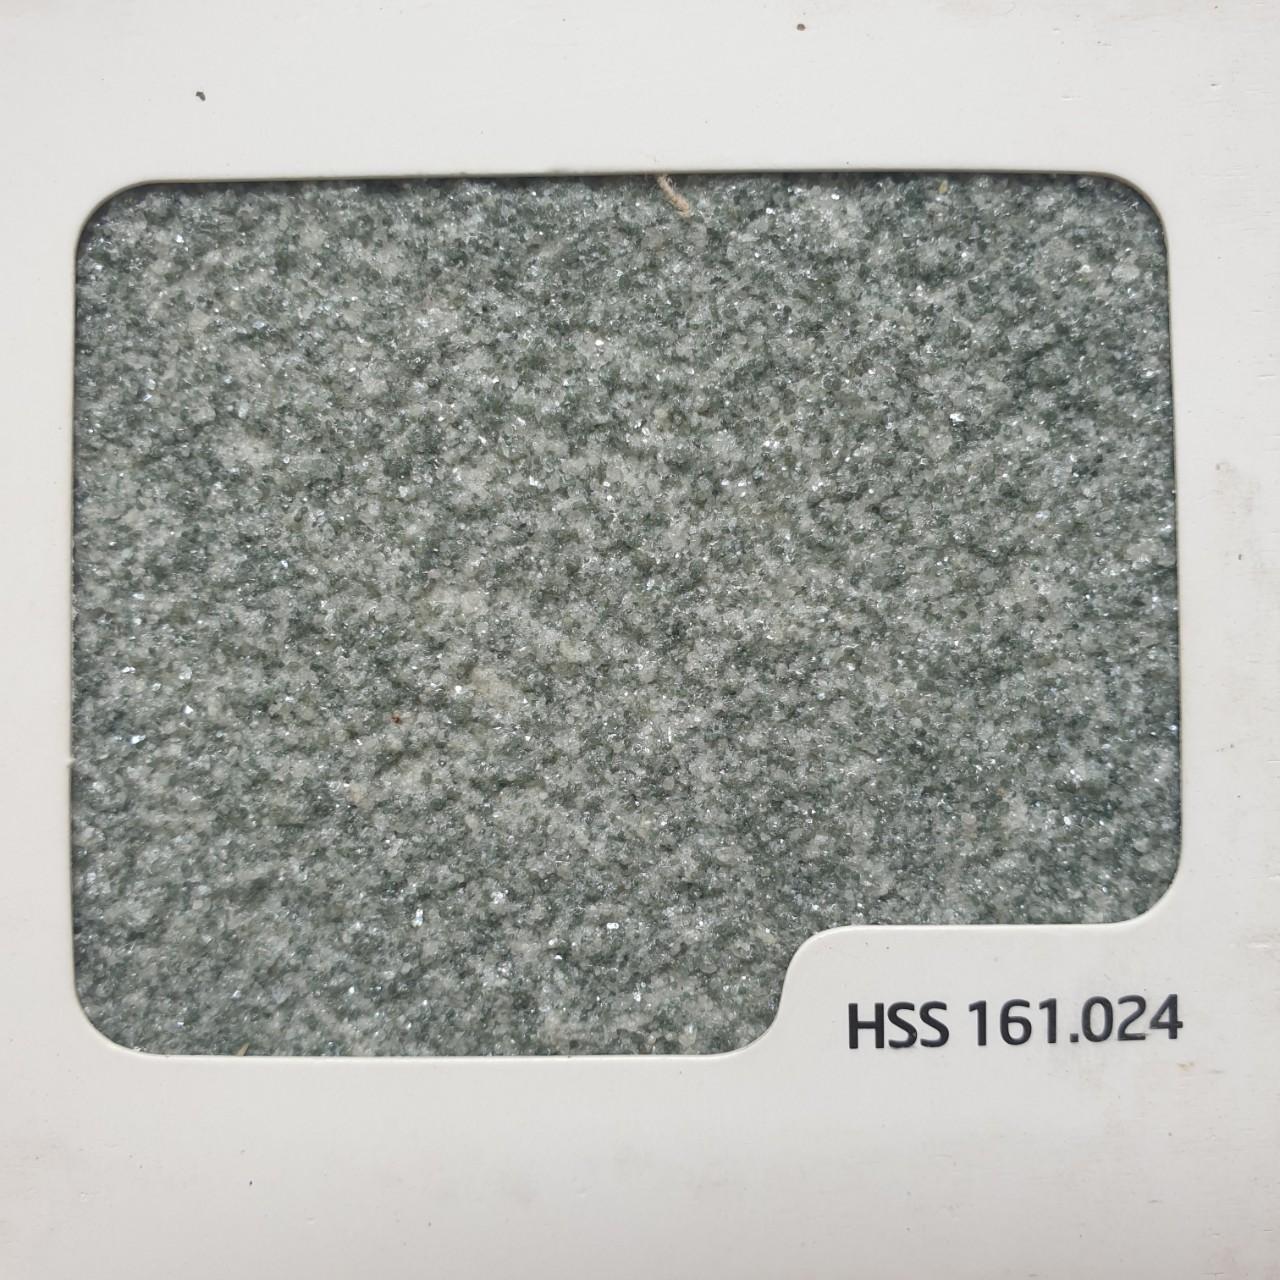 SƠN ĐA SẮC HGS 161.024